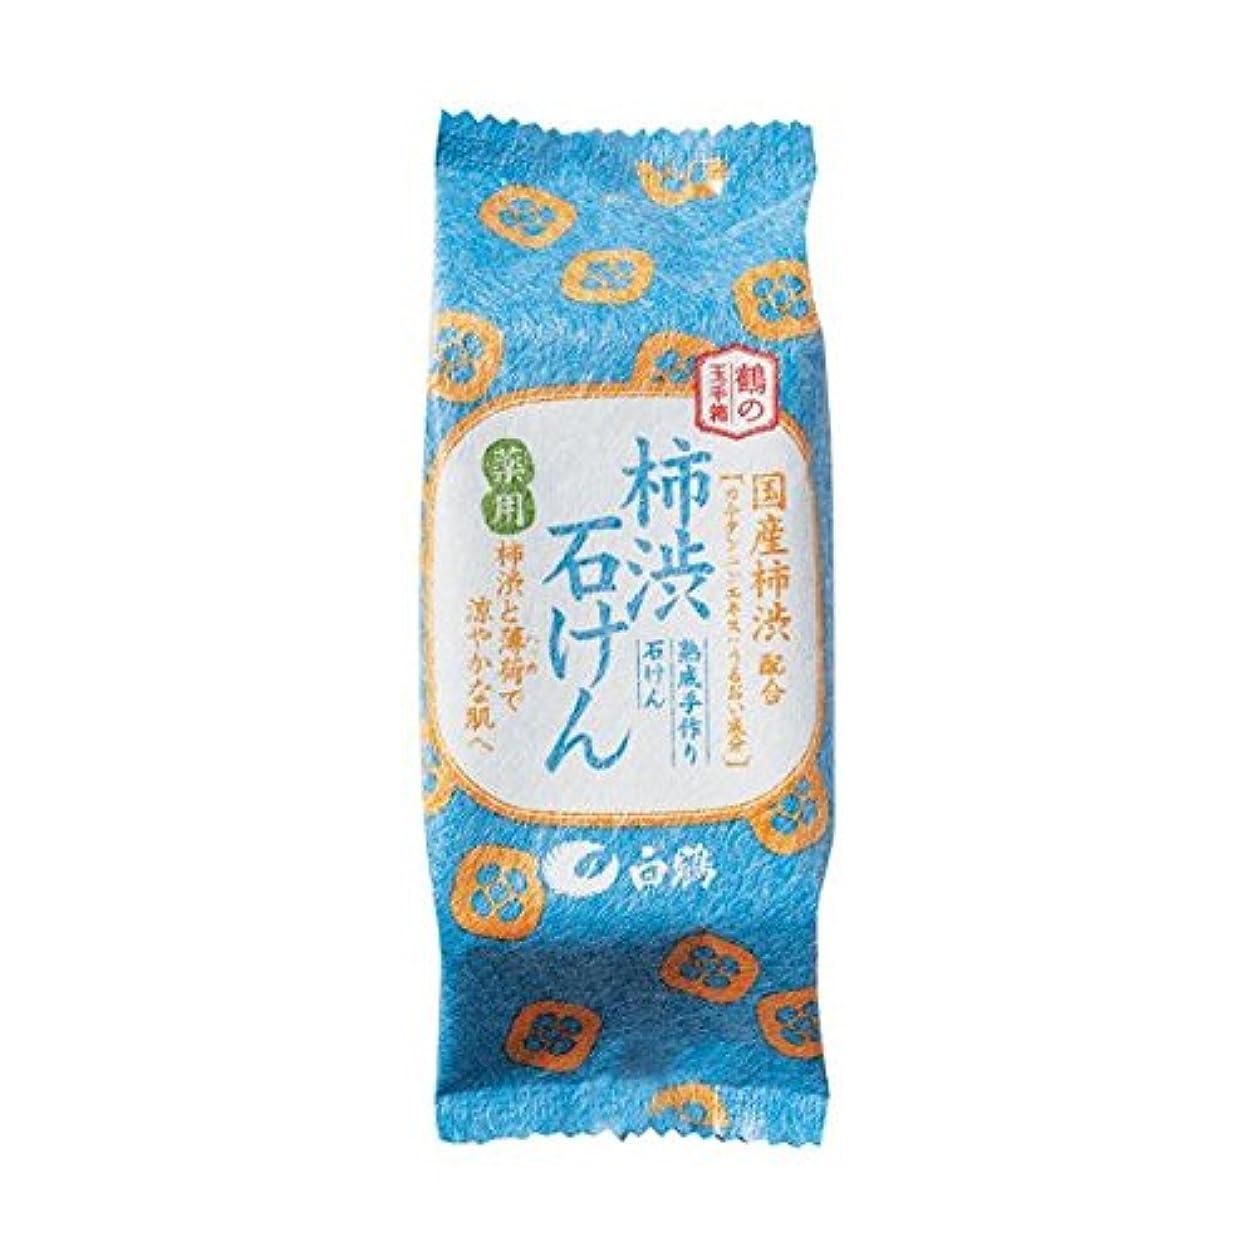 急速なオープナーオープナー白鶴 鶴の玉手箱 薬用 柿渋石けん 110g × 3個